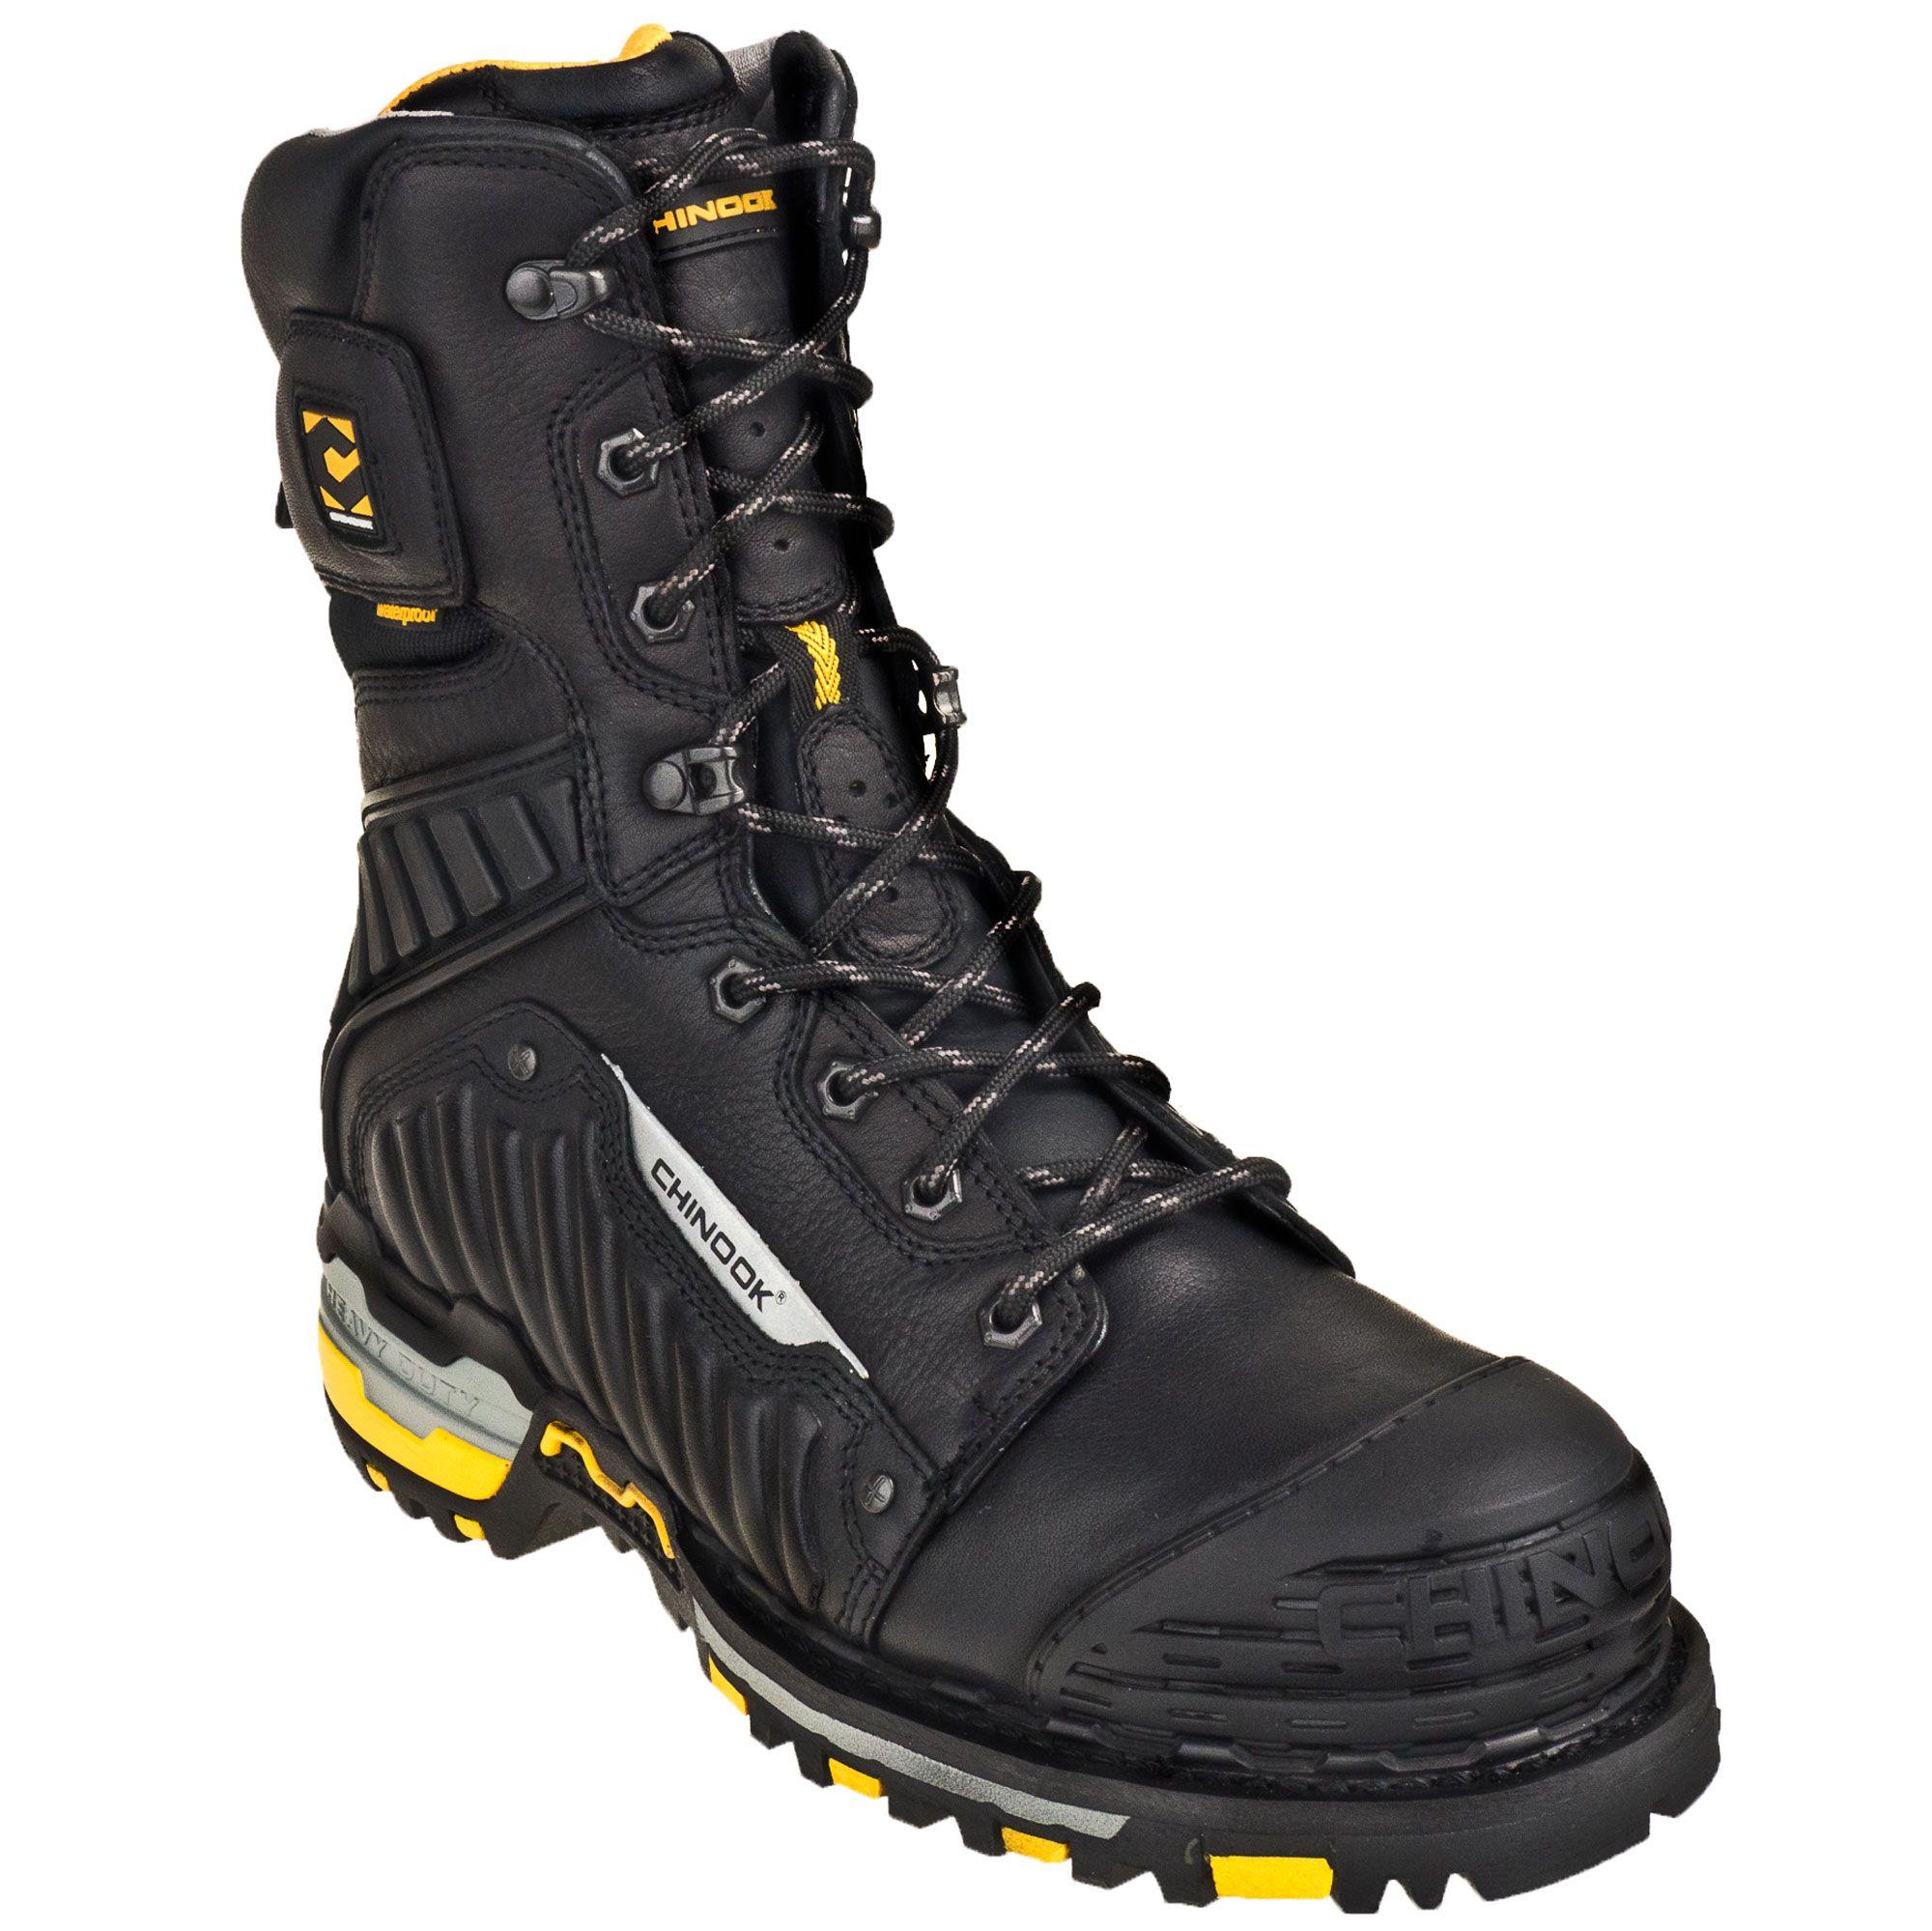 848b420c5dba Chinook Men's Waterproof Scorpion II 9-Inch 9836 001 Steel Toe Work Boots